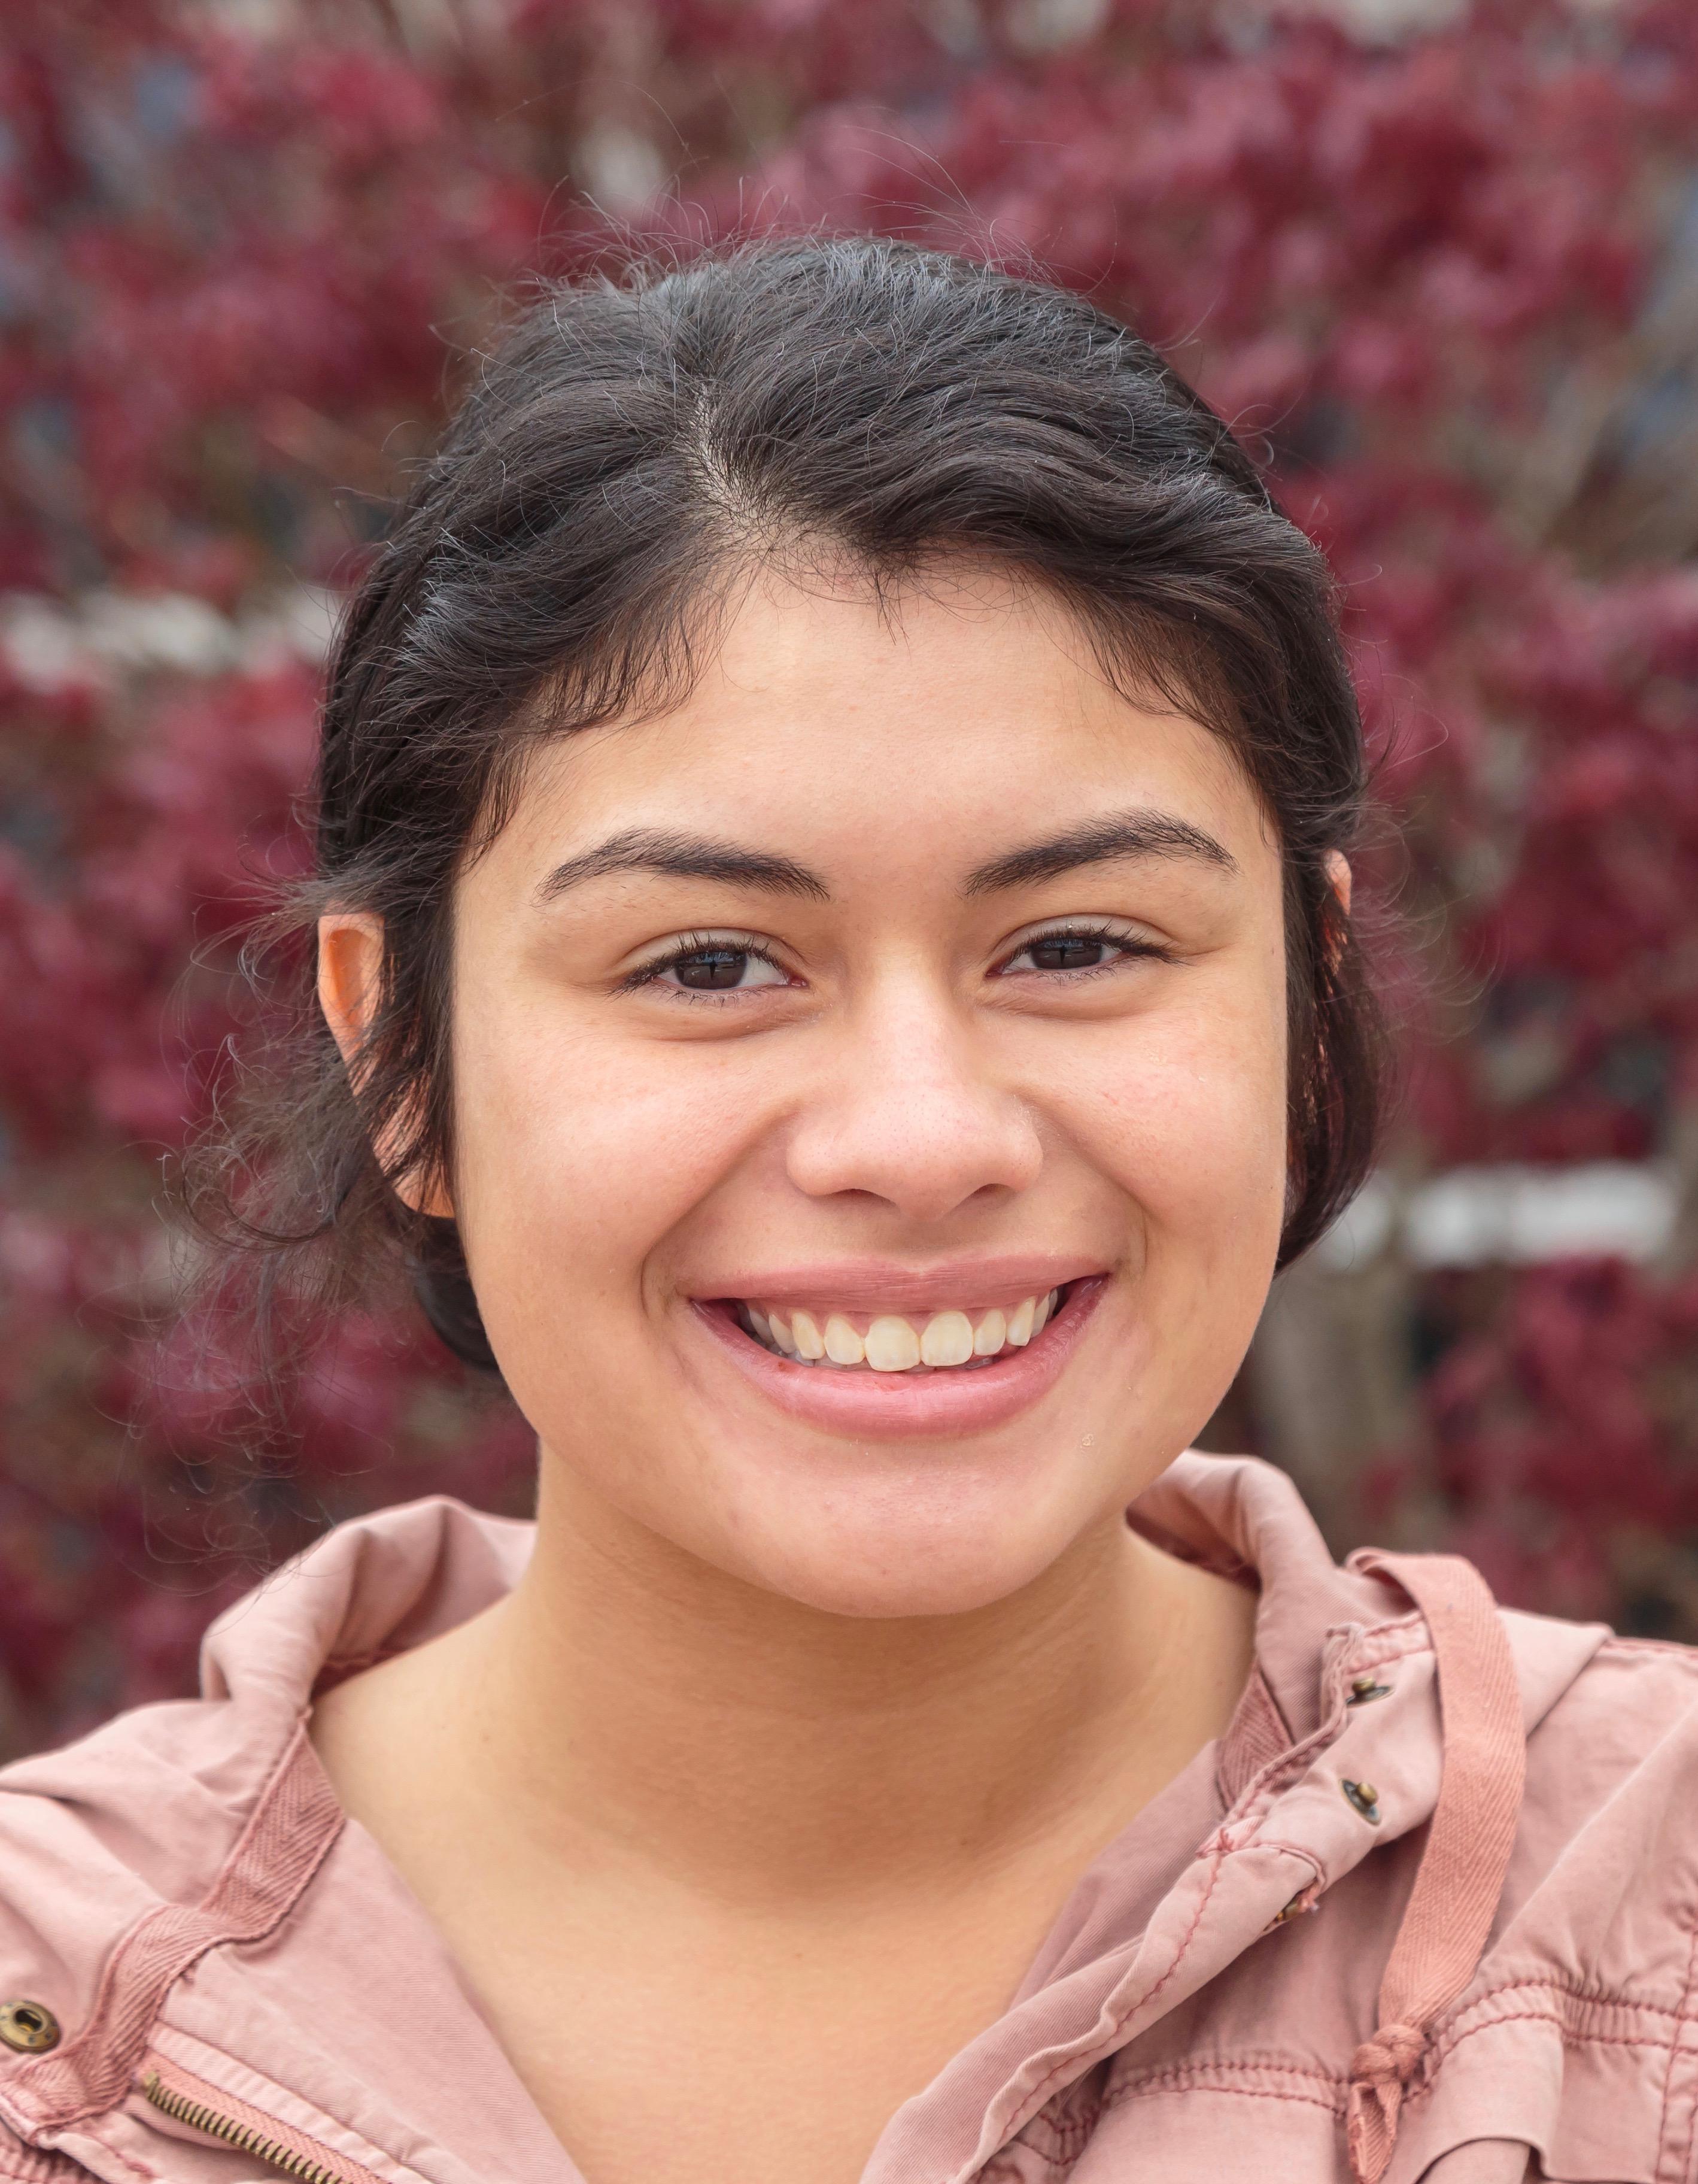 Mikayla Gonzalez